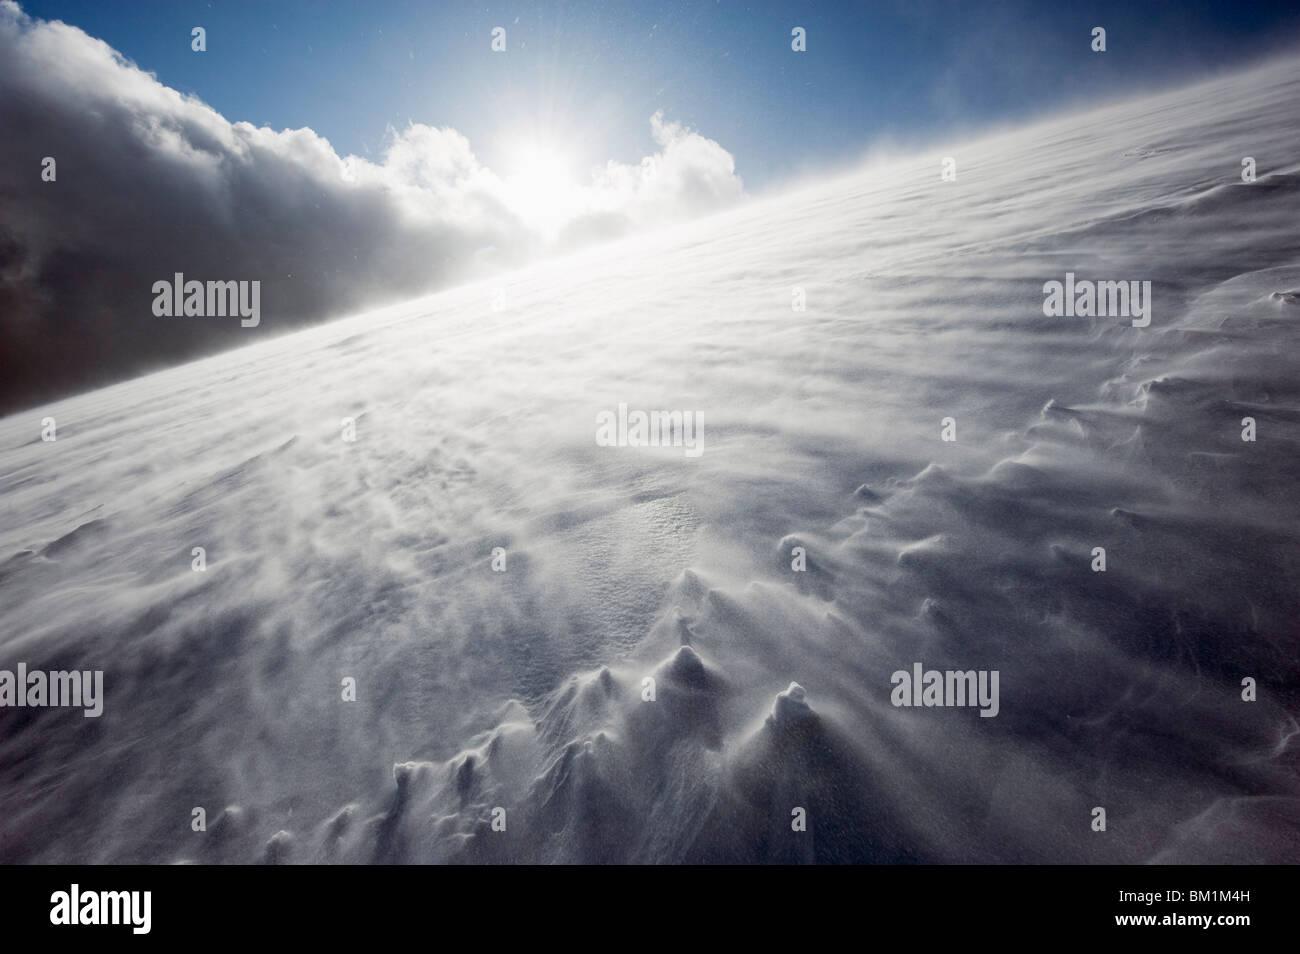 El viento que sopla sobre el Monte Fuji cubierto de nieve, Prefectura de Shizuoka, Japón, Asia Imagen De Stock